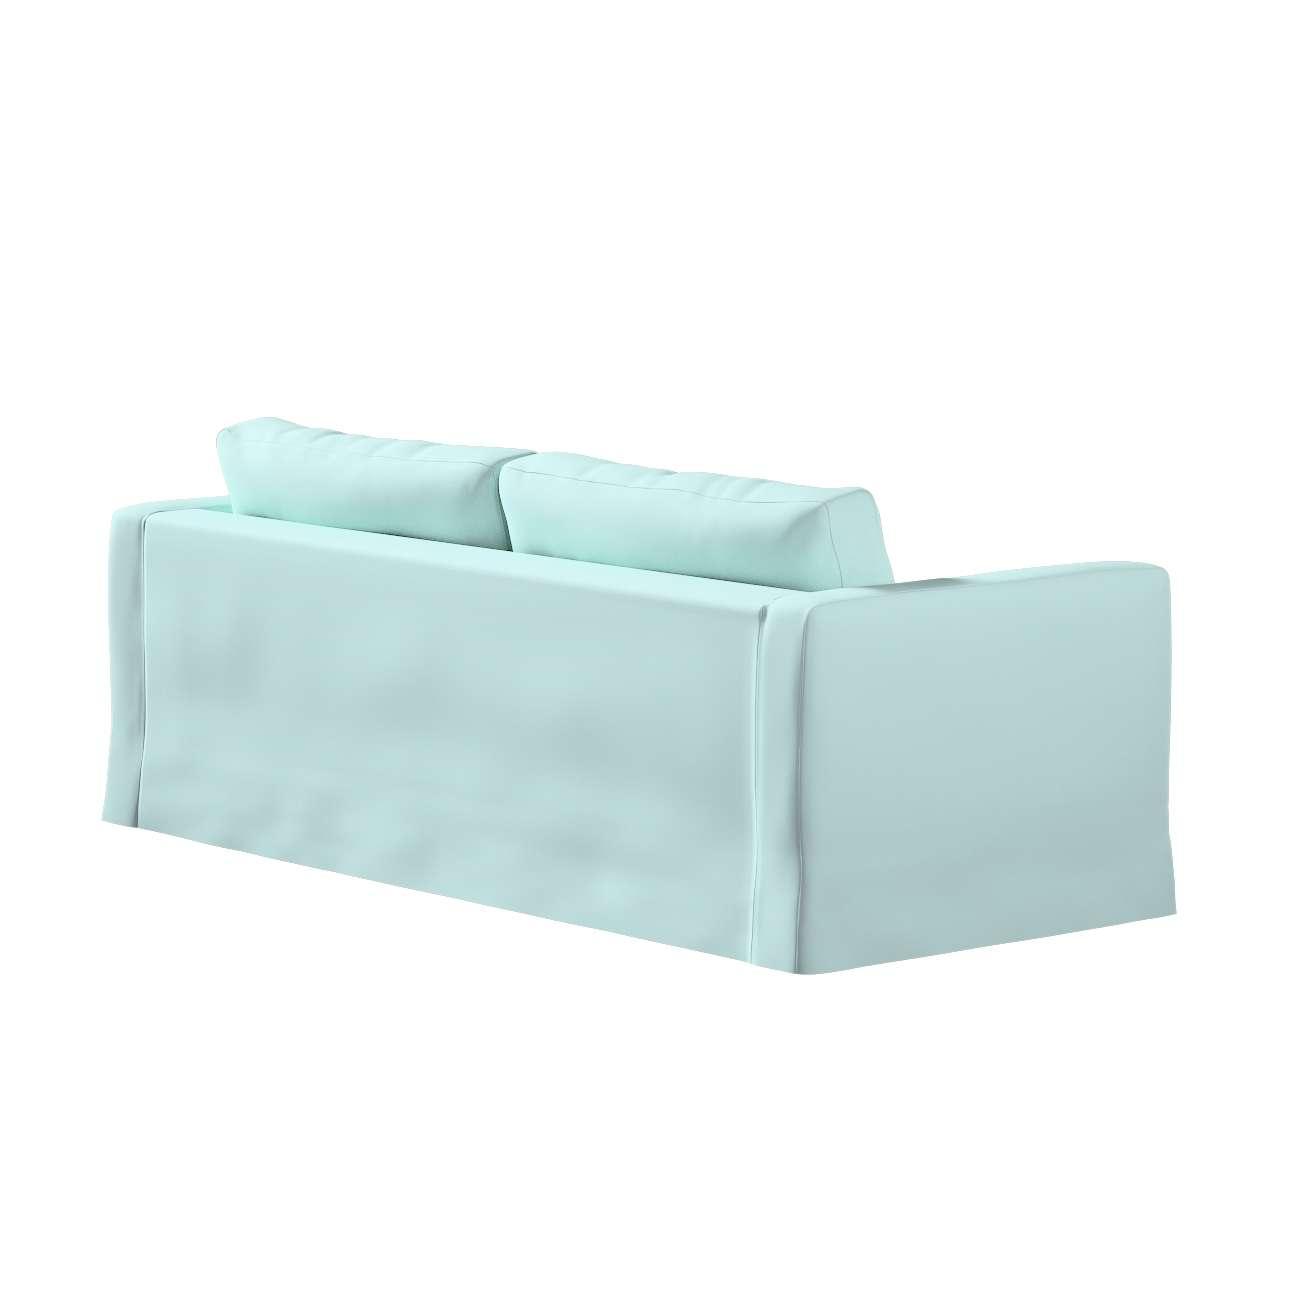 Poťah na sedačku Karlstad (nerozkladá sa, pre 3 osoby, dlhá) V kolekcii Cotton Panama, tkanina: 702-10